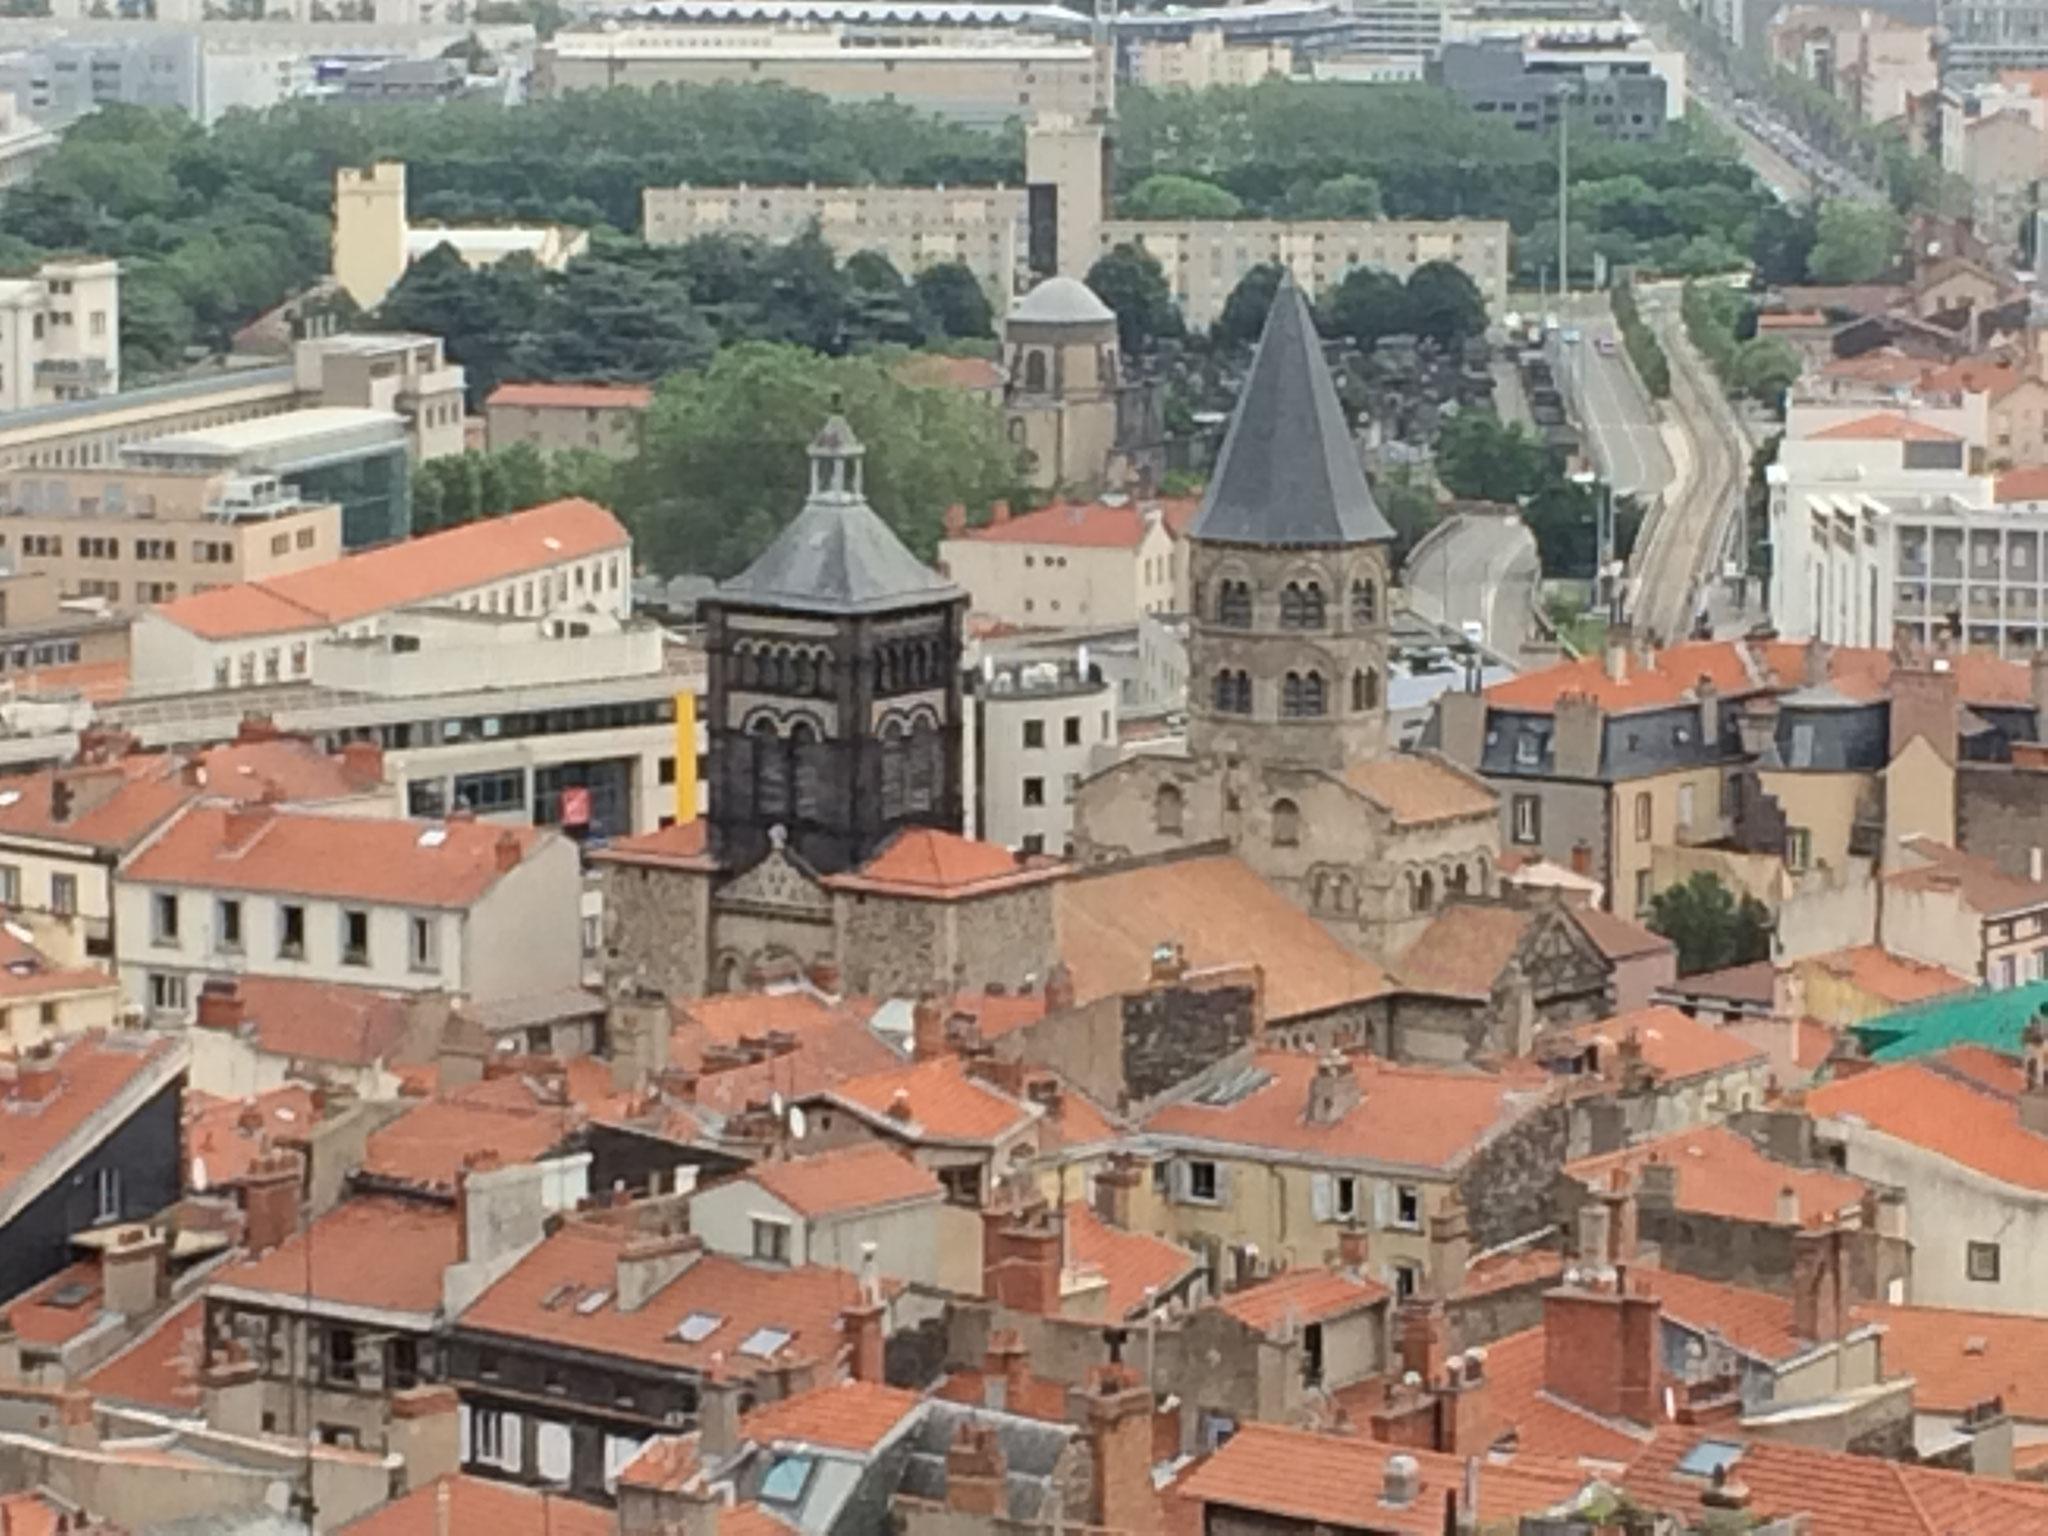 Notre Dame du Port, vue depuis la tour de la Bayette de la cathédrale de Clermont-Ferrand, à 15 minutes des chambres d'hôtes de la Villa Victoria Auvergne.